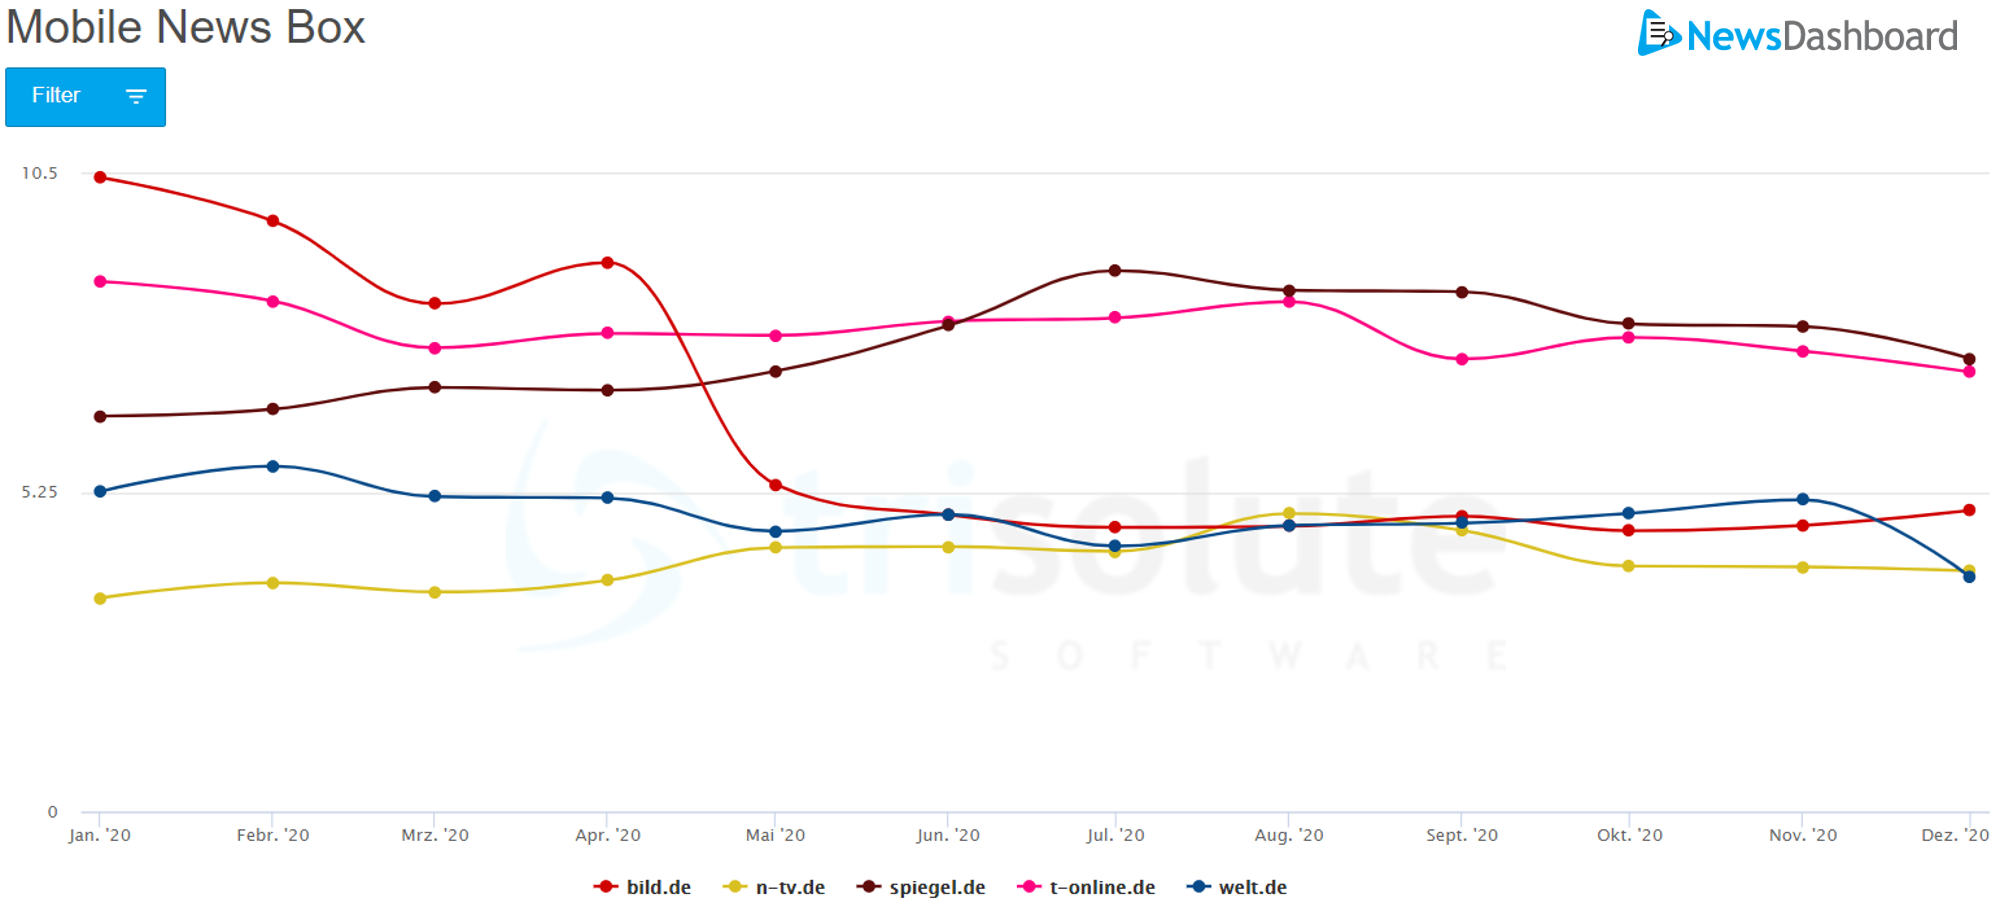 Die Sichtbarkeit für die mobile News Box konnte t-online.de über das Jahr 2020 halten.